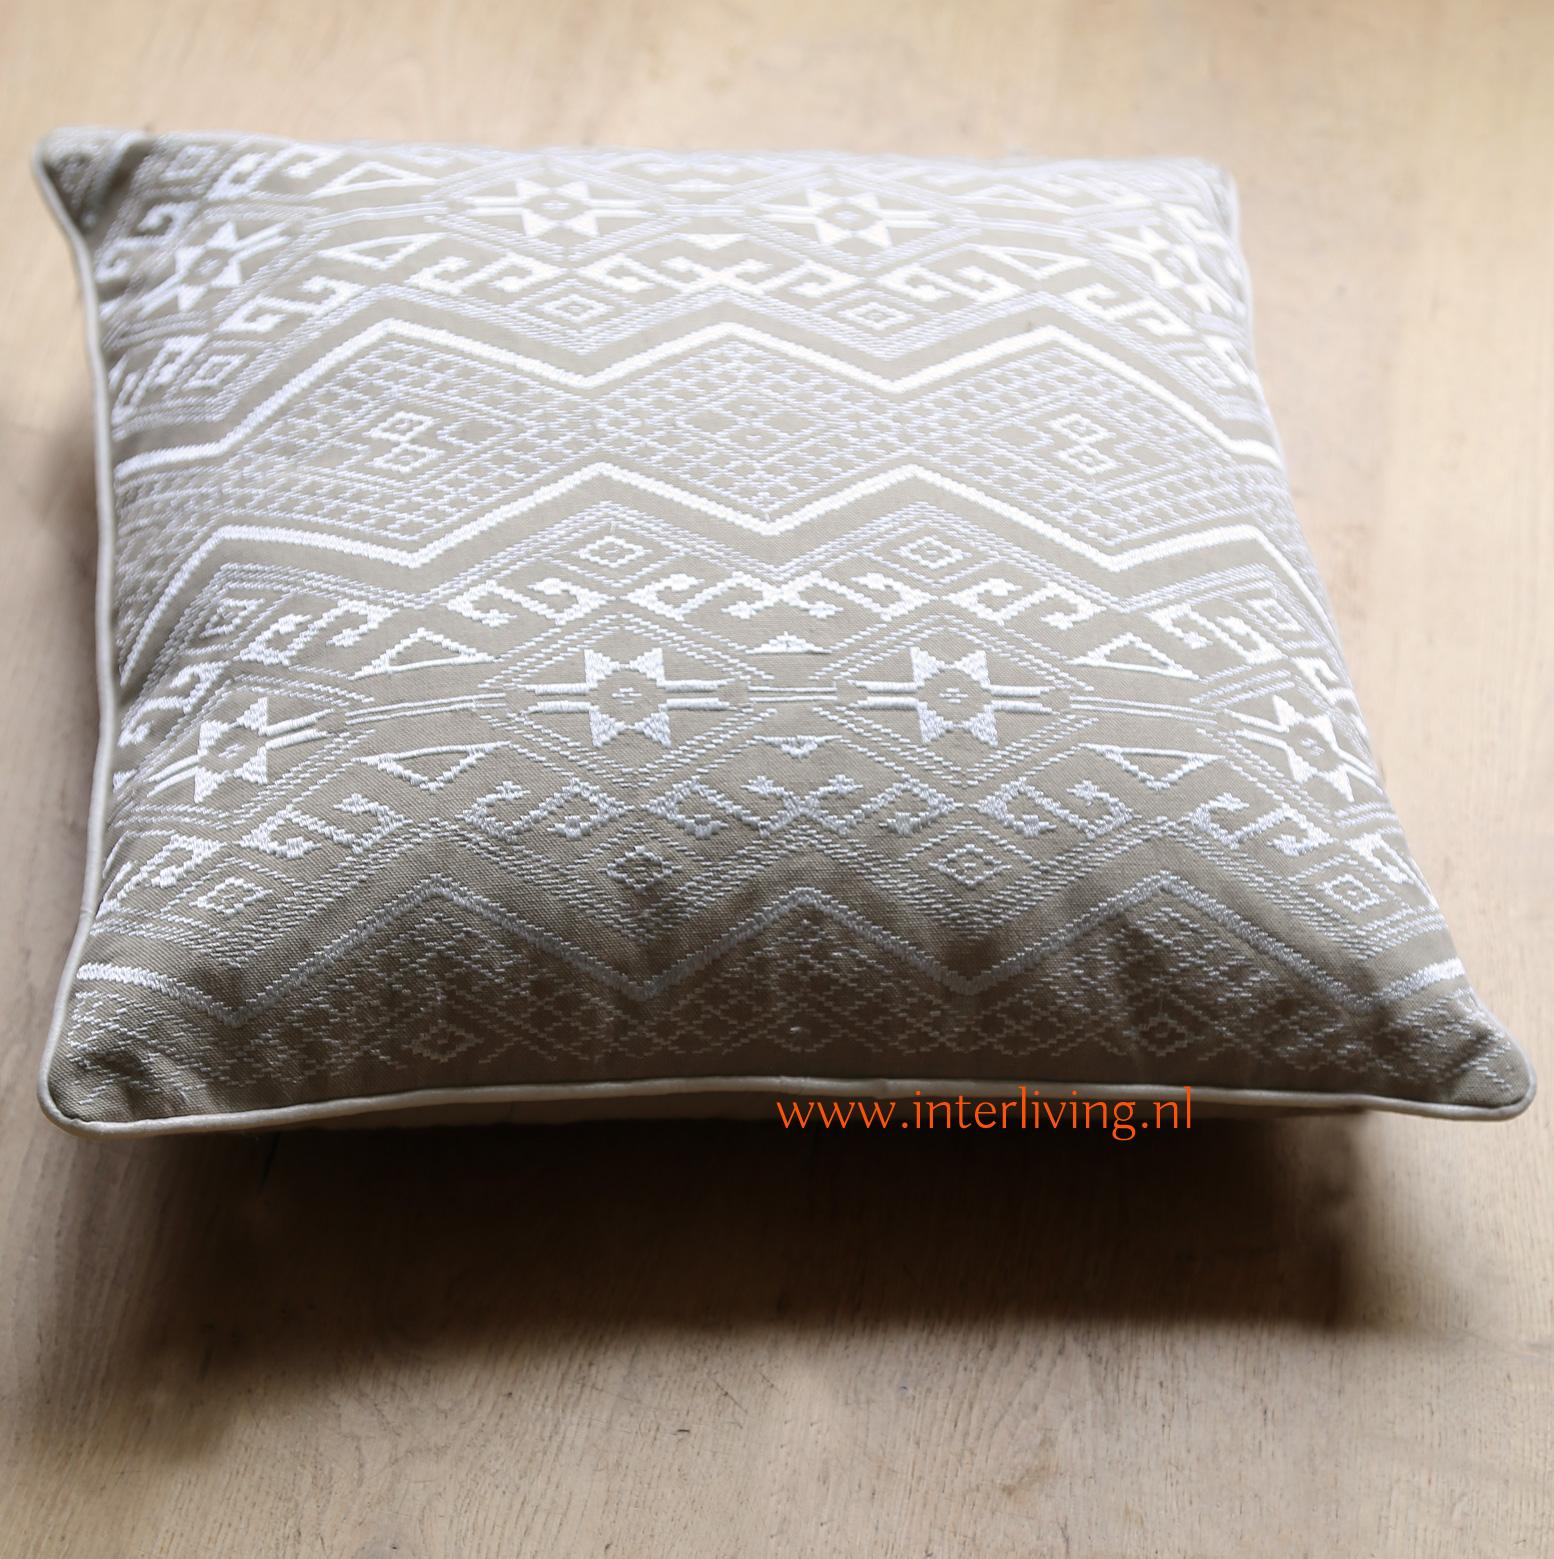 trbal kussen van katoen - handgemaakt met borduurwerk uit India